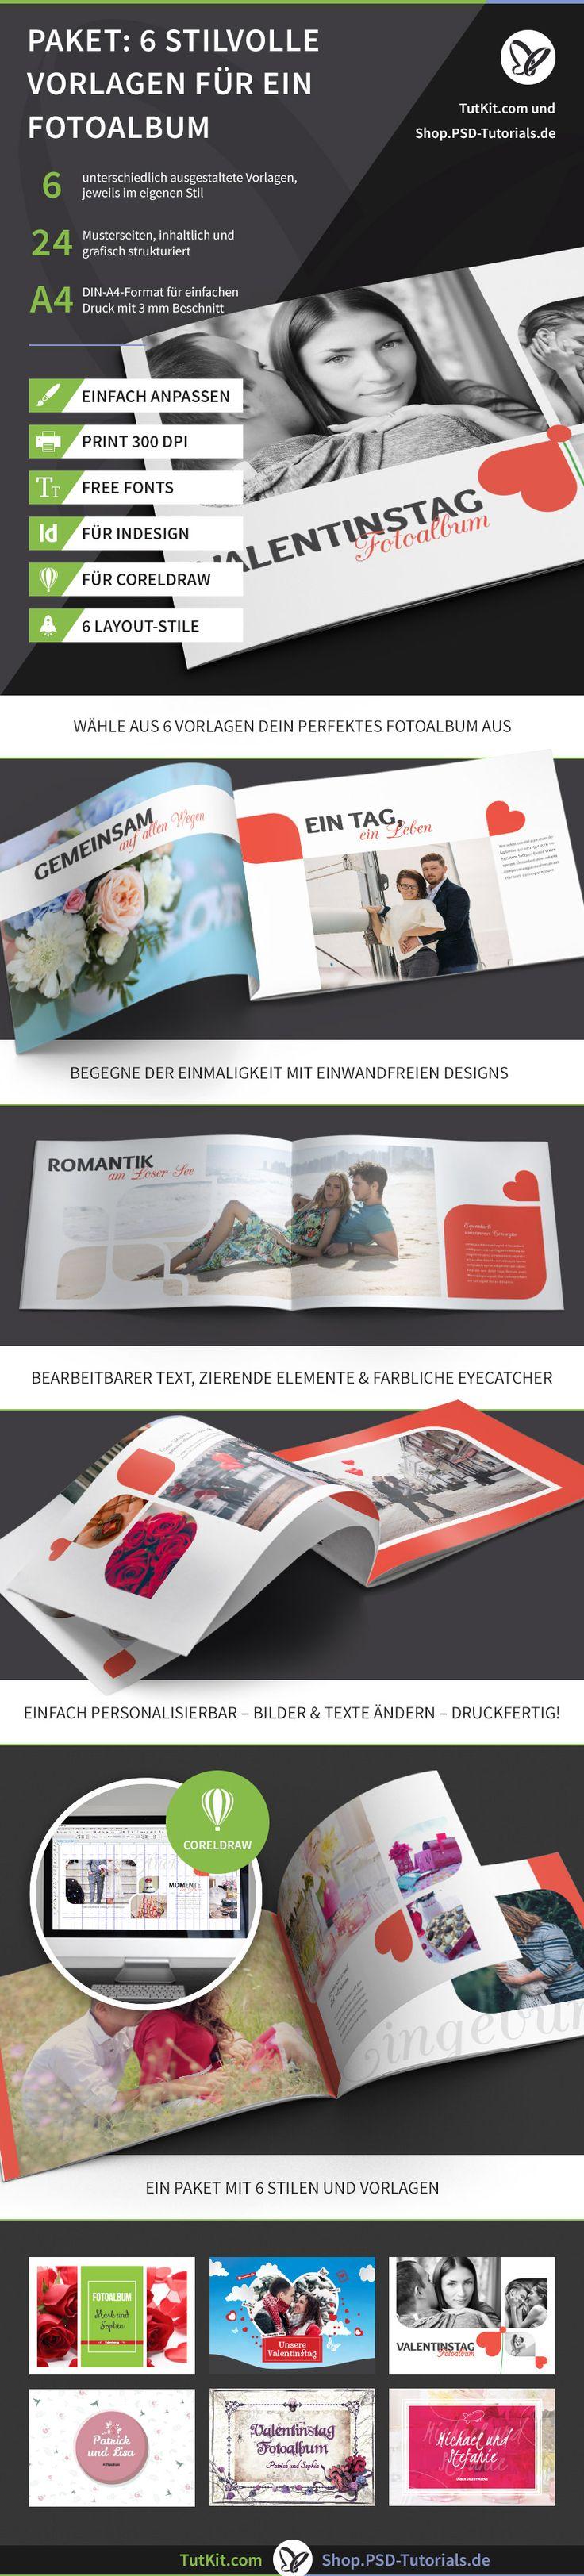 luxus goldene hochzeit fotobuch beispiele schmuck. Black Bedroom Furniture Sets. Home Design Ideas